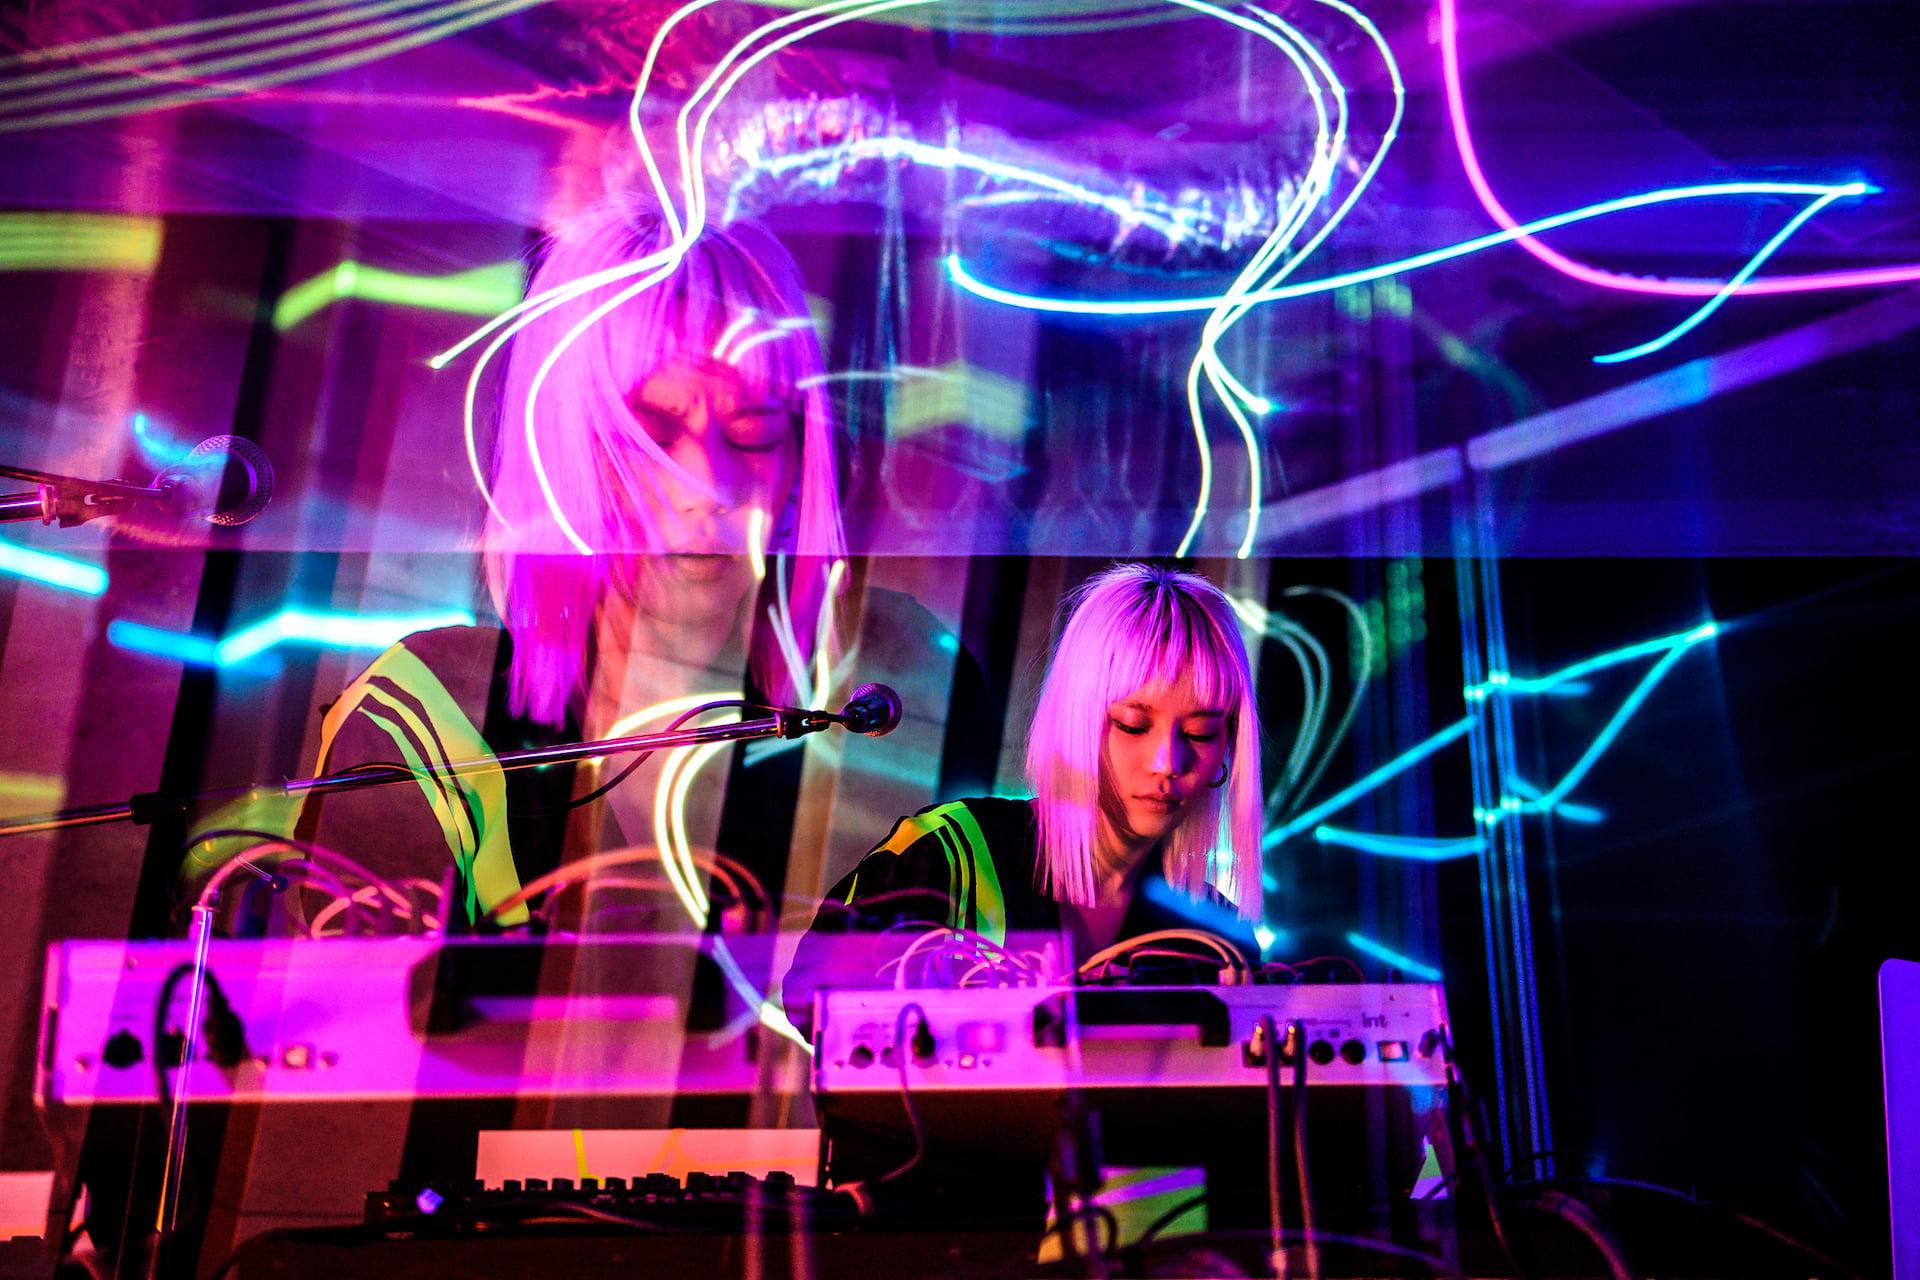 エッジィなメディア「CO:LABS」によるクリエイティブコラボパーティー<CO:LABS LIVE>に潜入! music-colabslive-5960-1920x1280